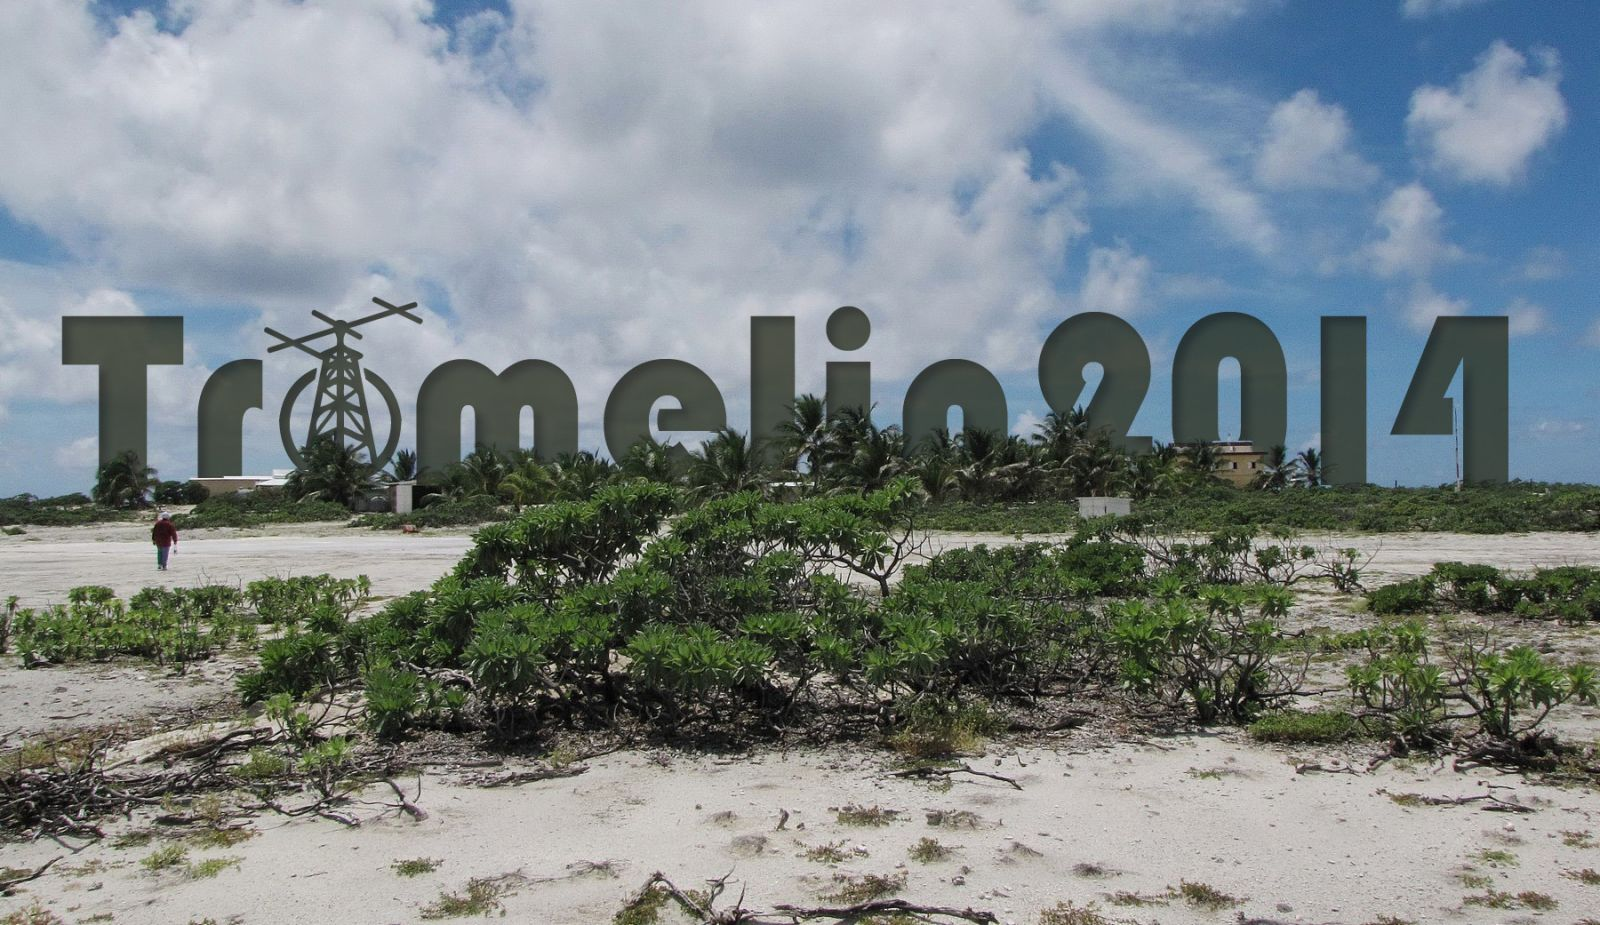 Tromelin Island FT4TA DX News